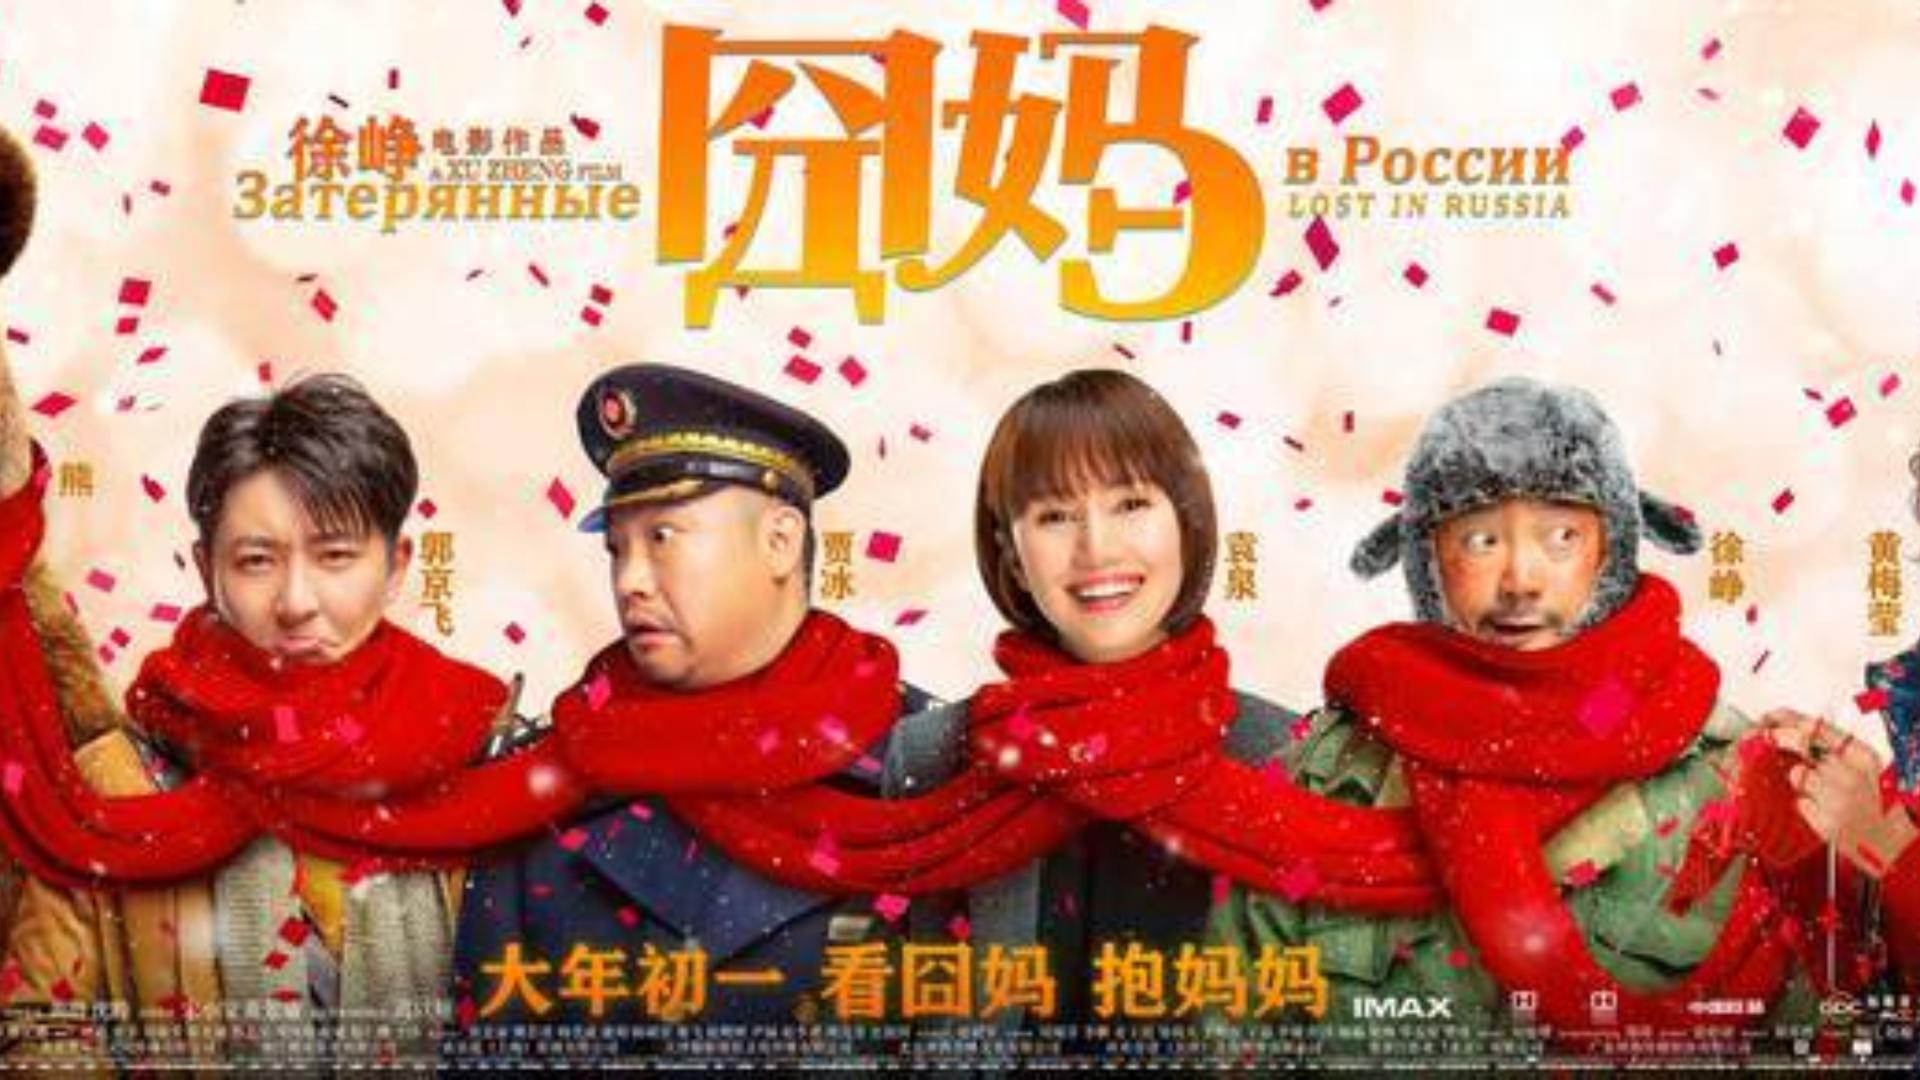 【春节档】囧妈 全网免费观看难道不该给个好评么?